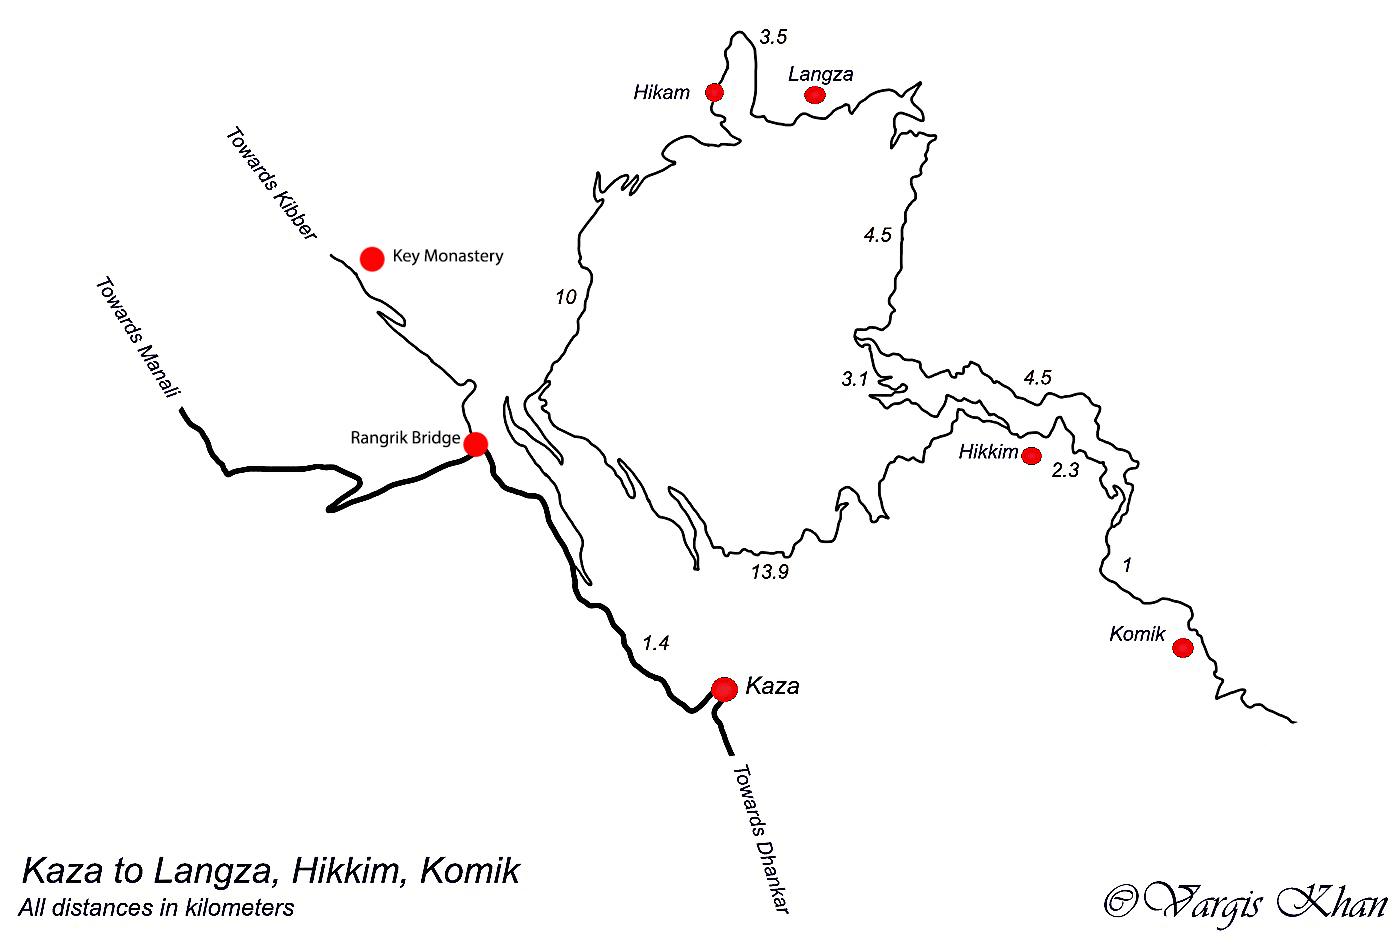 kaza to komic road map